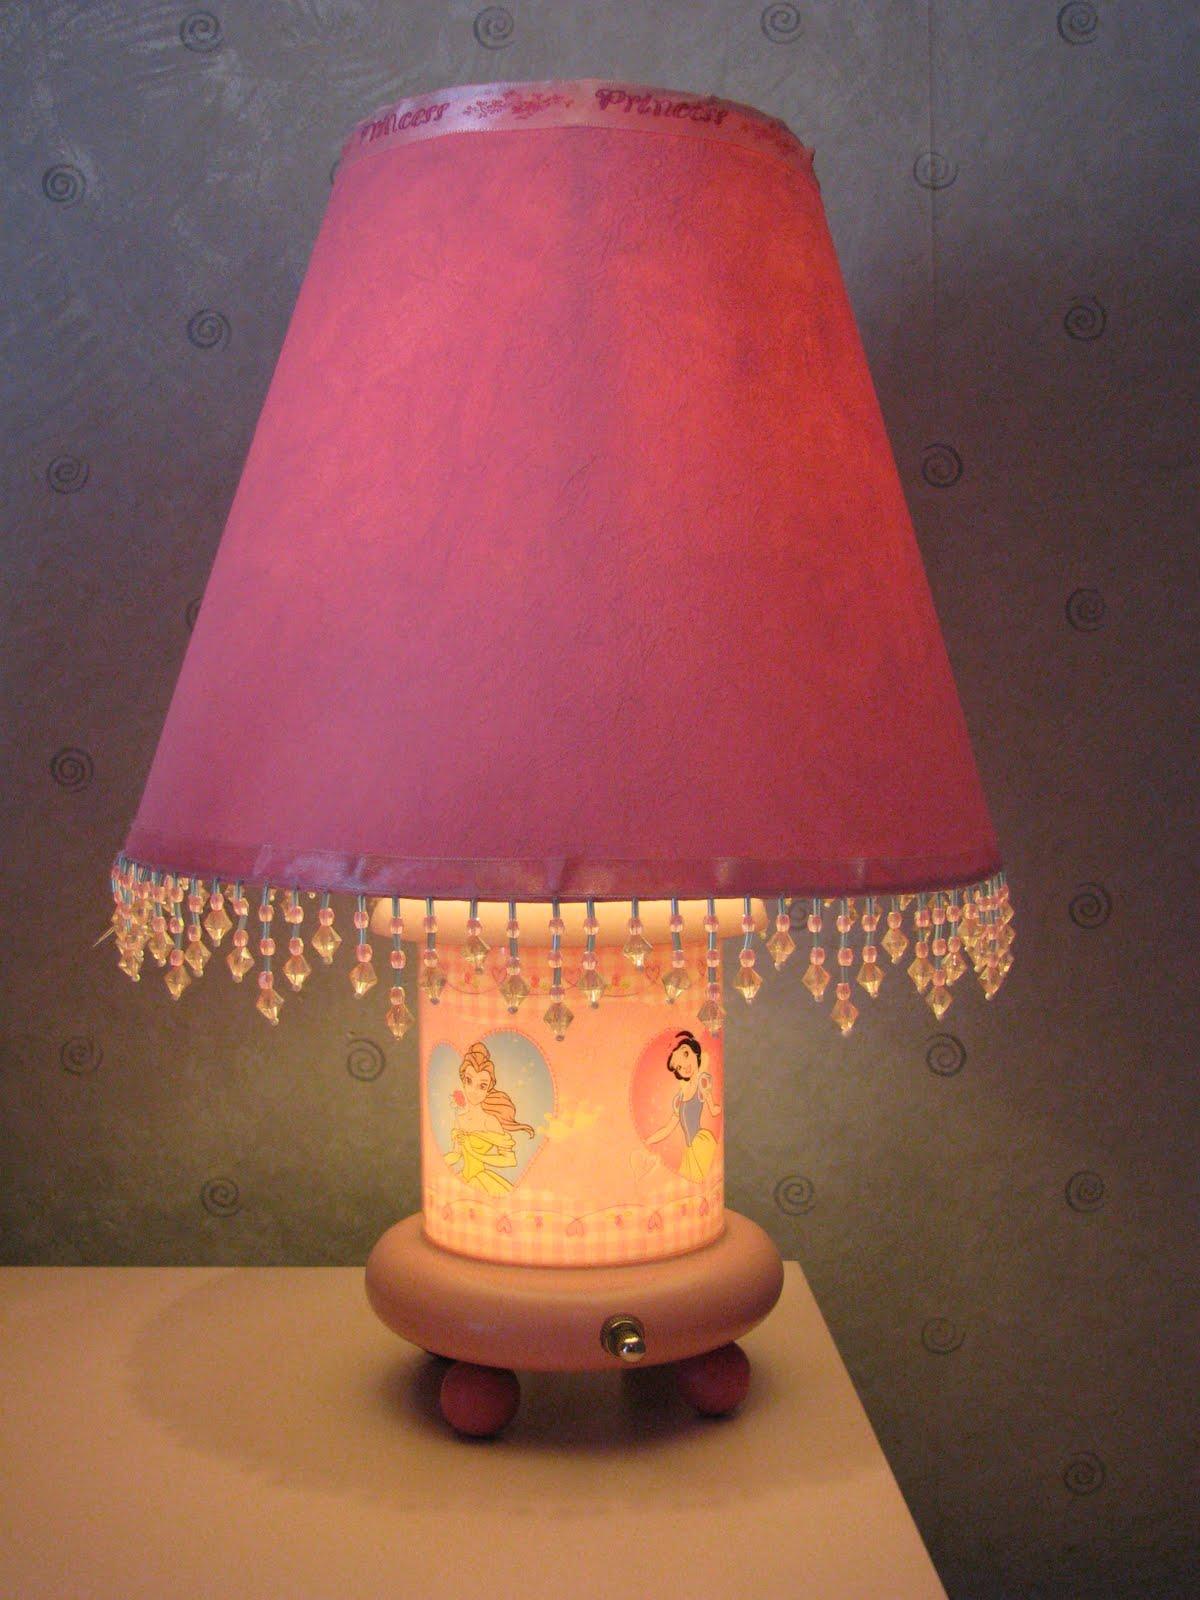 Kids Bedroom For Sale: For Sale: Disney Princess lamp ...